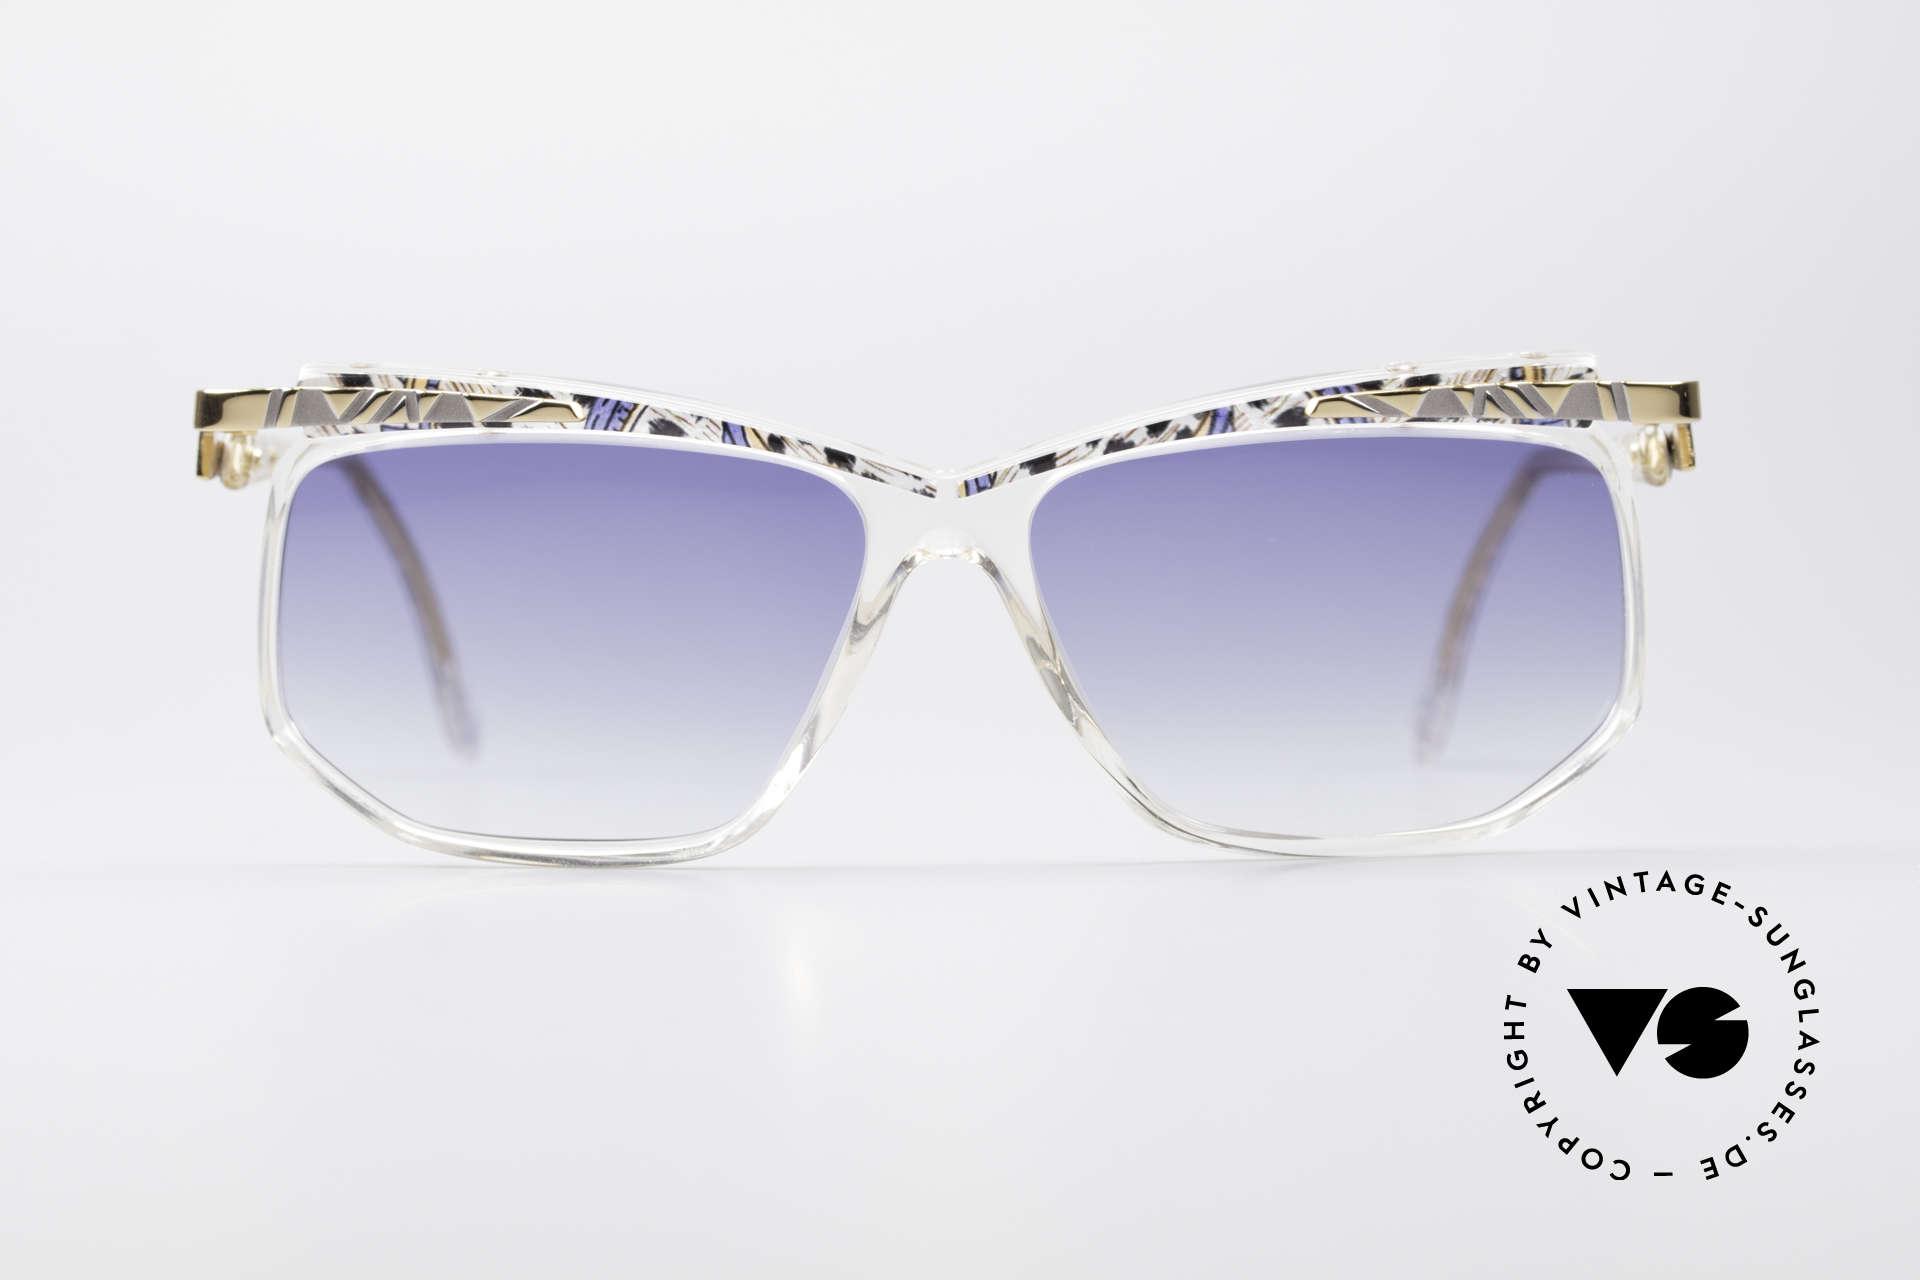 Cazal 366 Vintage Crystal Fassung 90er, kristallklarer Rahmen: Muster in azur/mais/schwarz, Passend für Herren und Damen